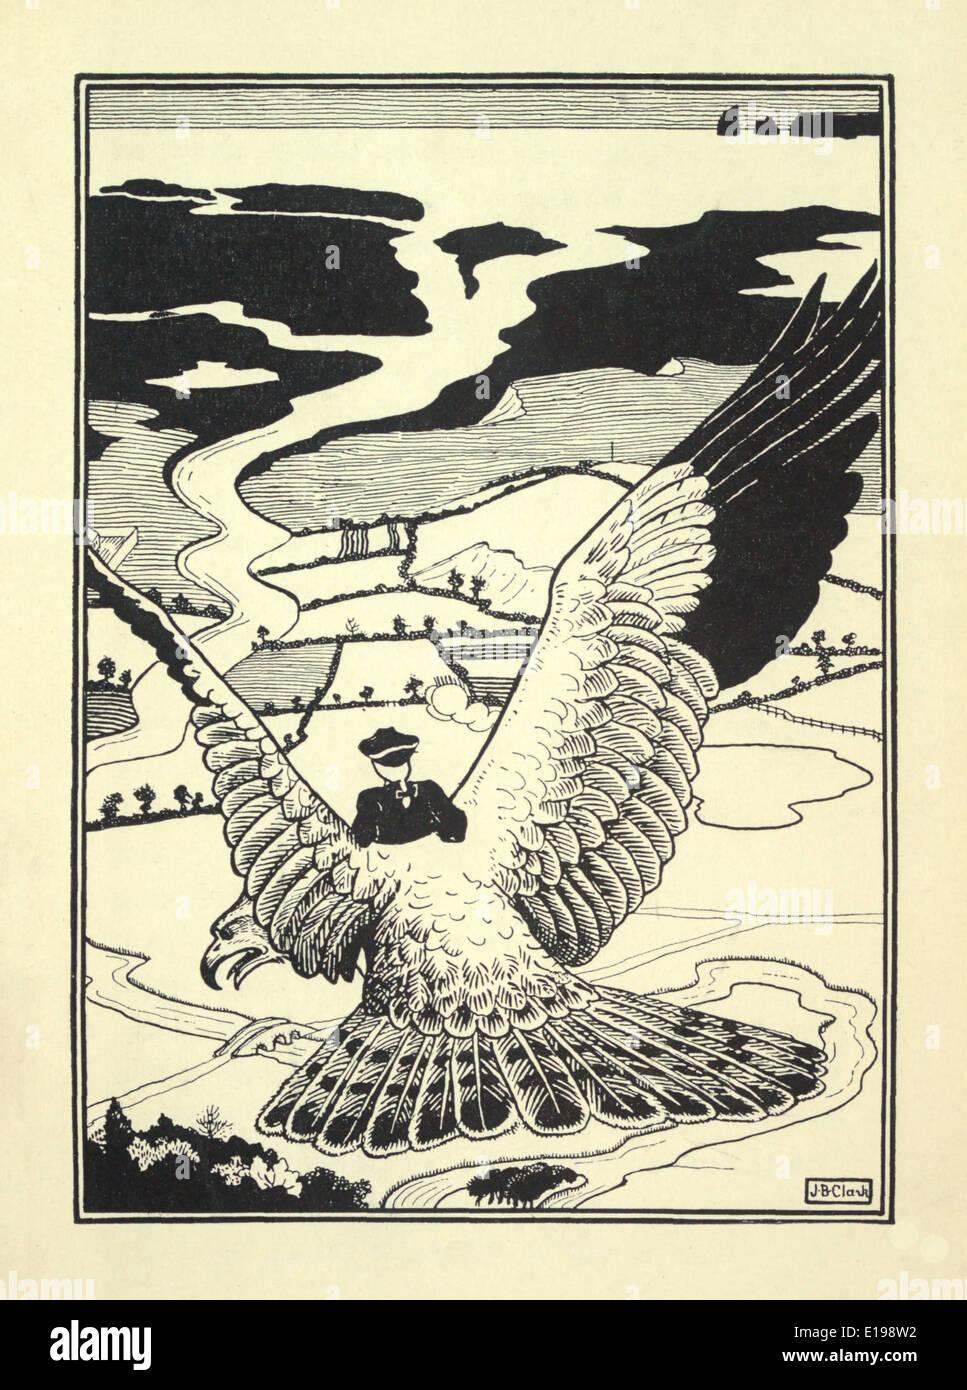 """J. B. Clark Illustration aus """"The überraschende Abenteuer des Baron Münchhausen"""" von Rudoph Raspe veröffentlicht 1895. Stockfoto"""